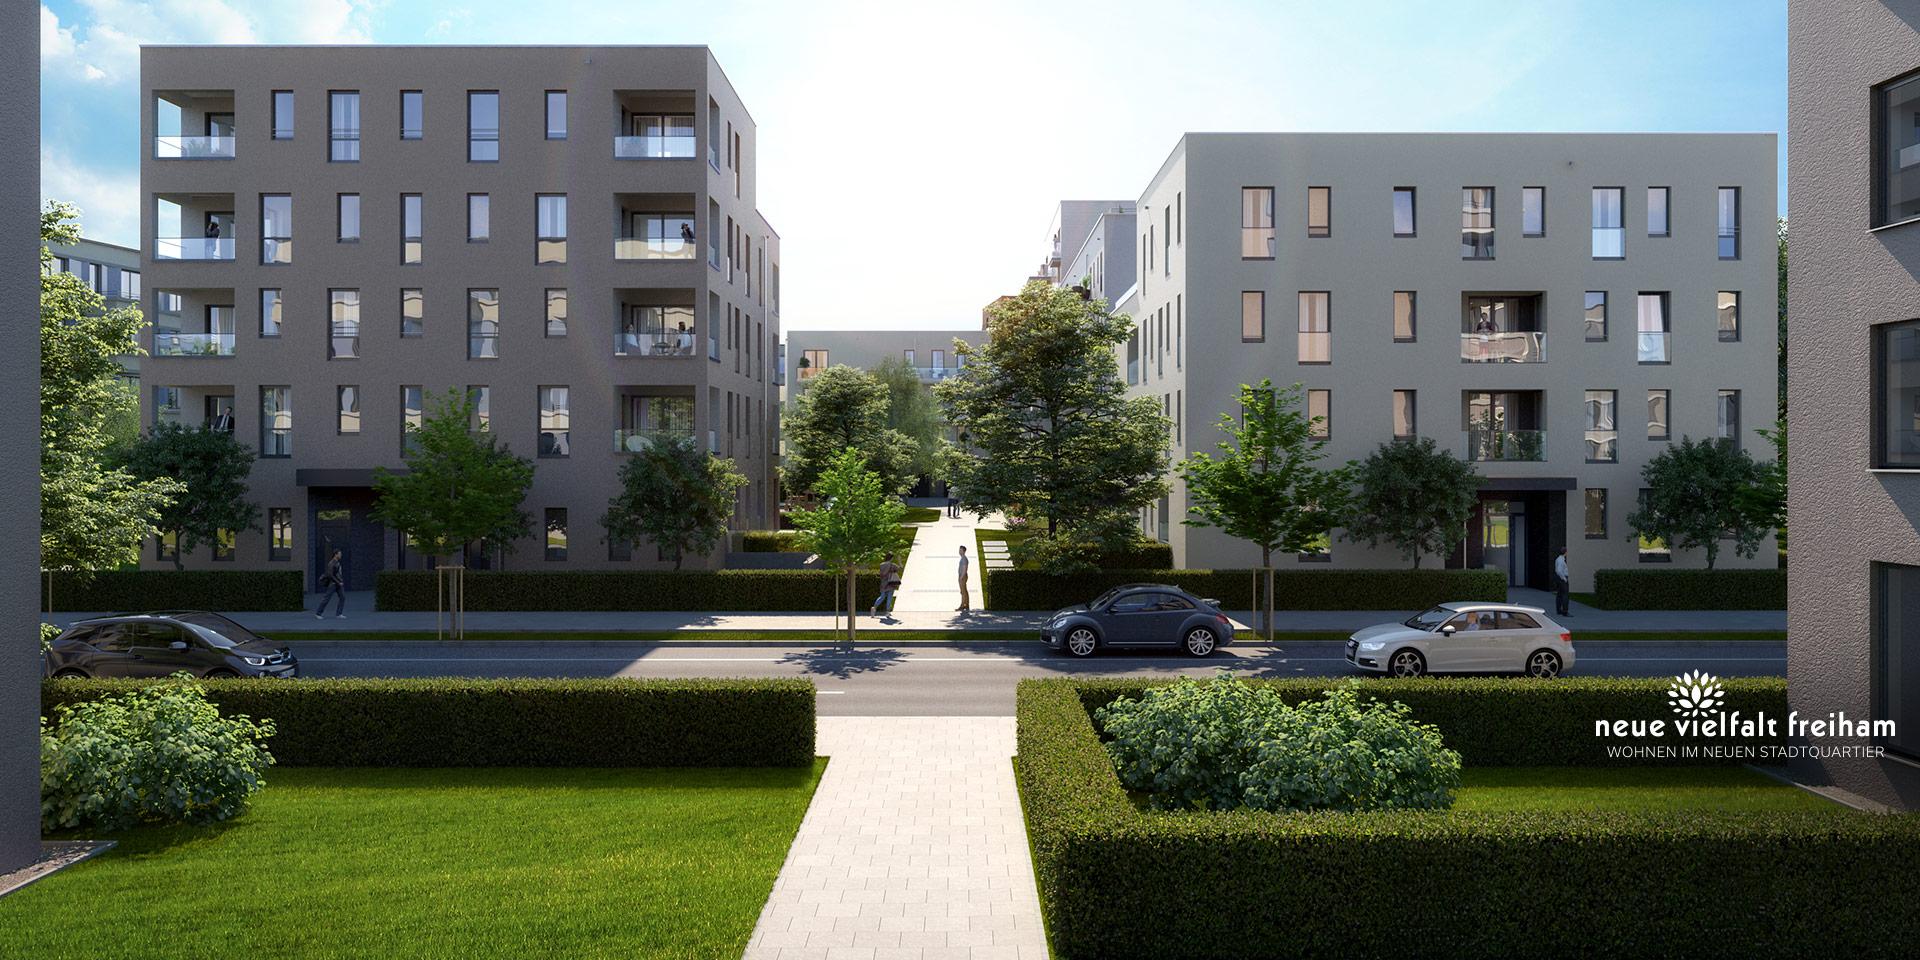 Property Munich: Neue Vielfalt Freiham